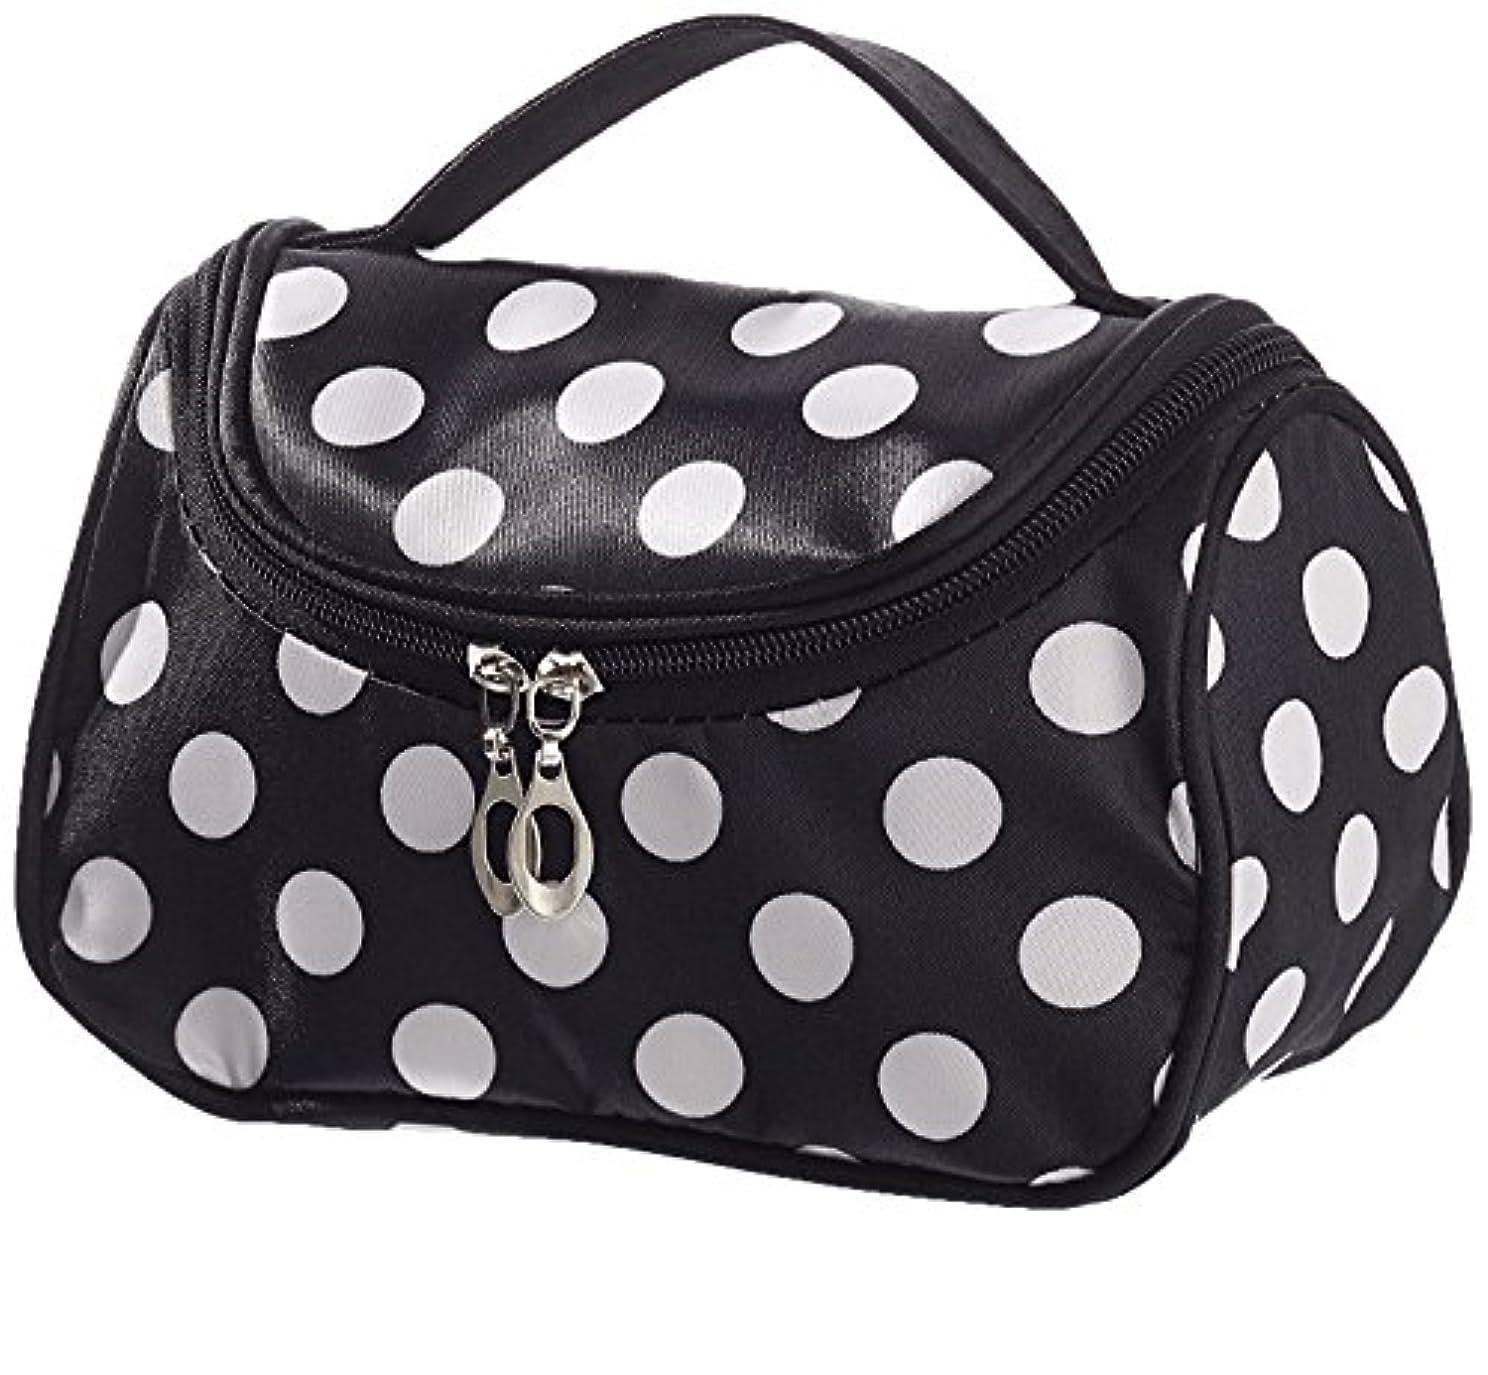 石炭浸漬感染するHommy コスメティックバッグ メークバッグ ハンドバッグ 化粧品収納バッグ 鏡付き 化粧ポーチ